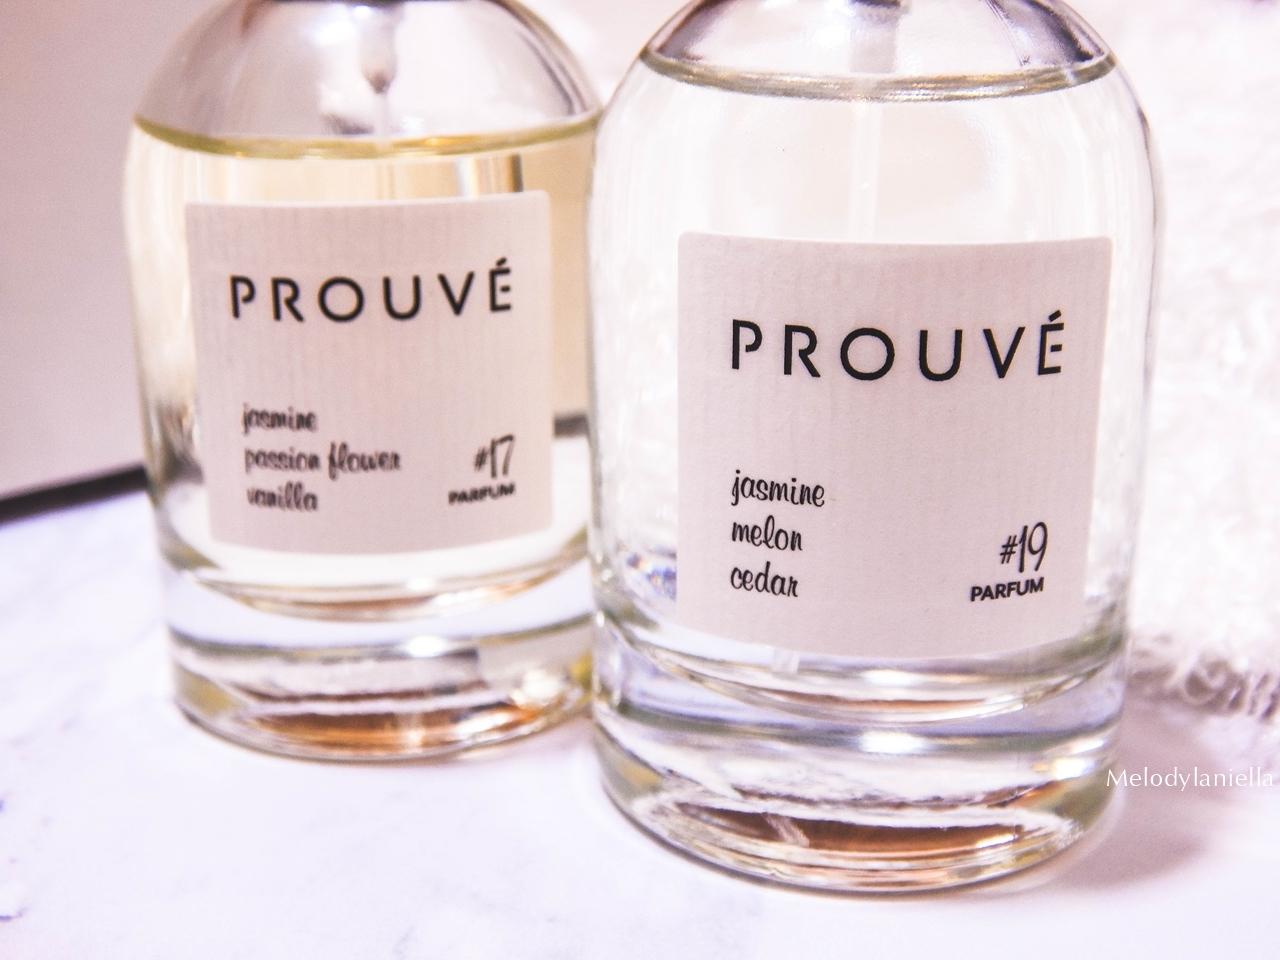 3 truskawkowe perfumy ciekawe zapachy perfum tanie sprawdzone perfumy nowości perfumeryjne jak dobrać idealny zapach pomysły na prezent dla niej i dla niego pomysłowe prezenty co kupić z okazji urodzin